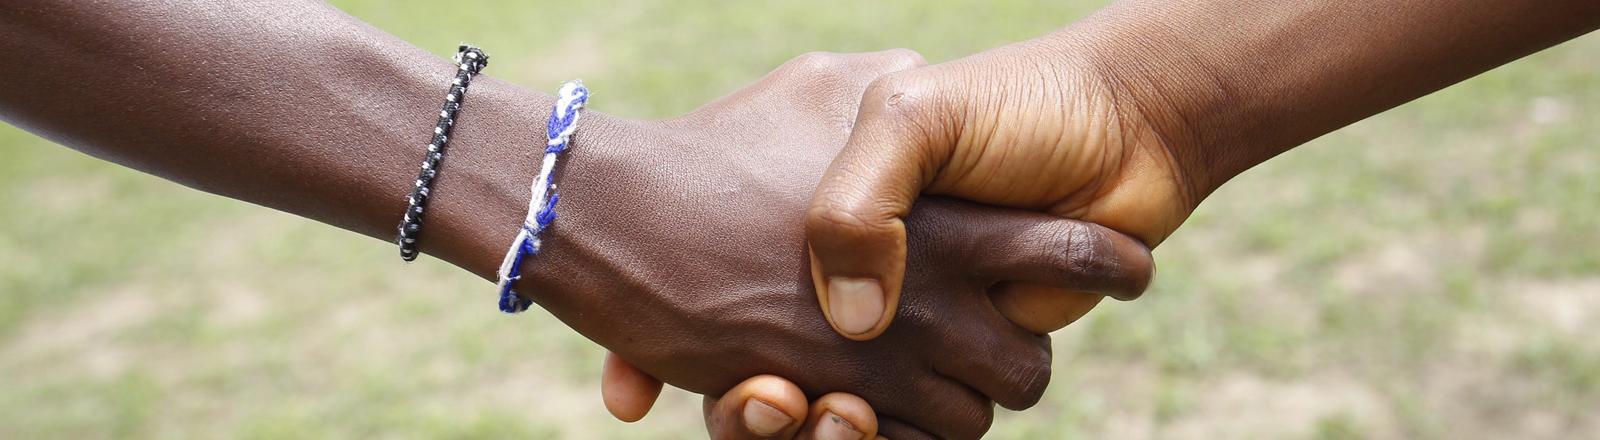 Gratulations-Handschlag: Westafrika ist frei von Ebola